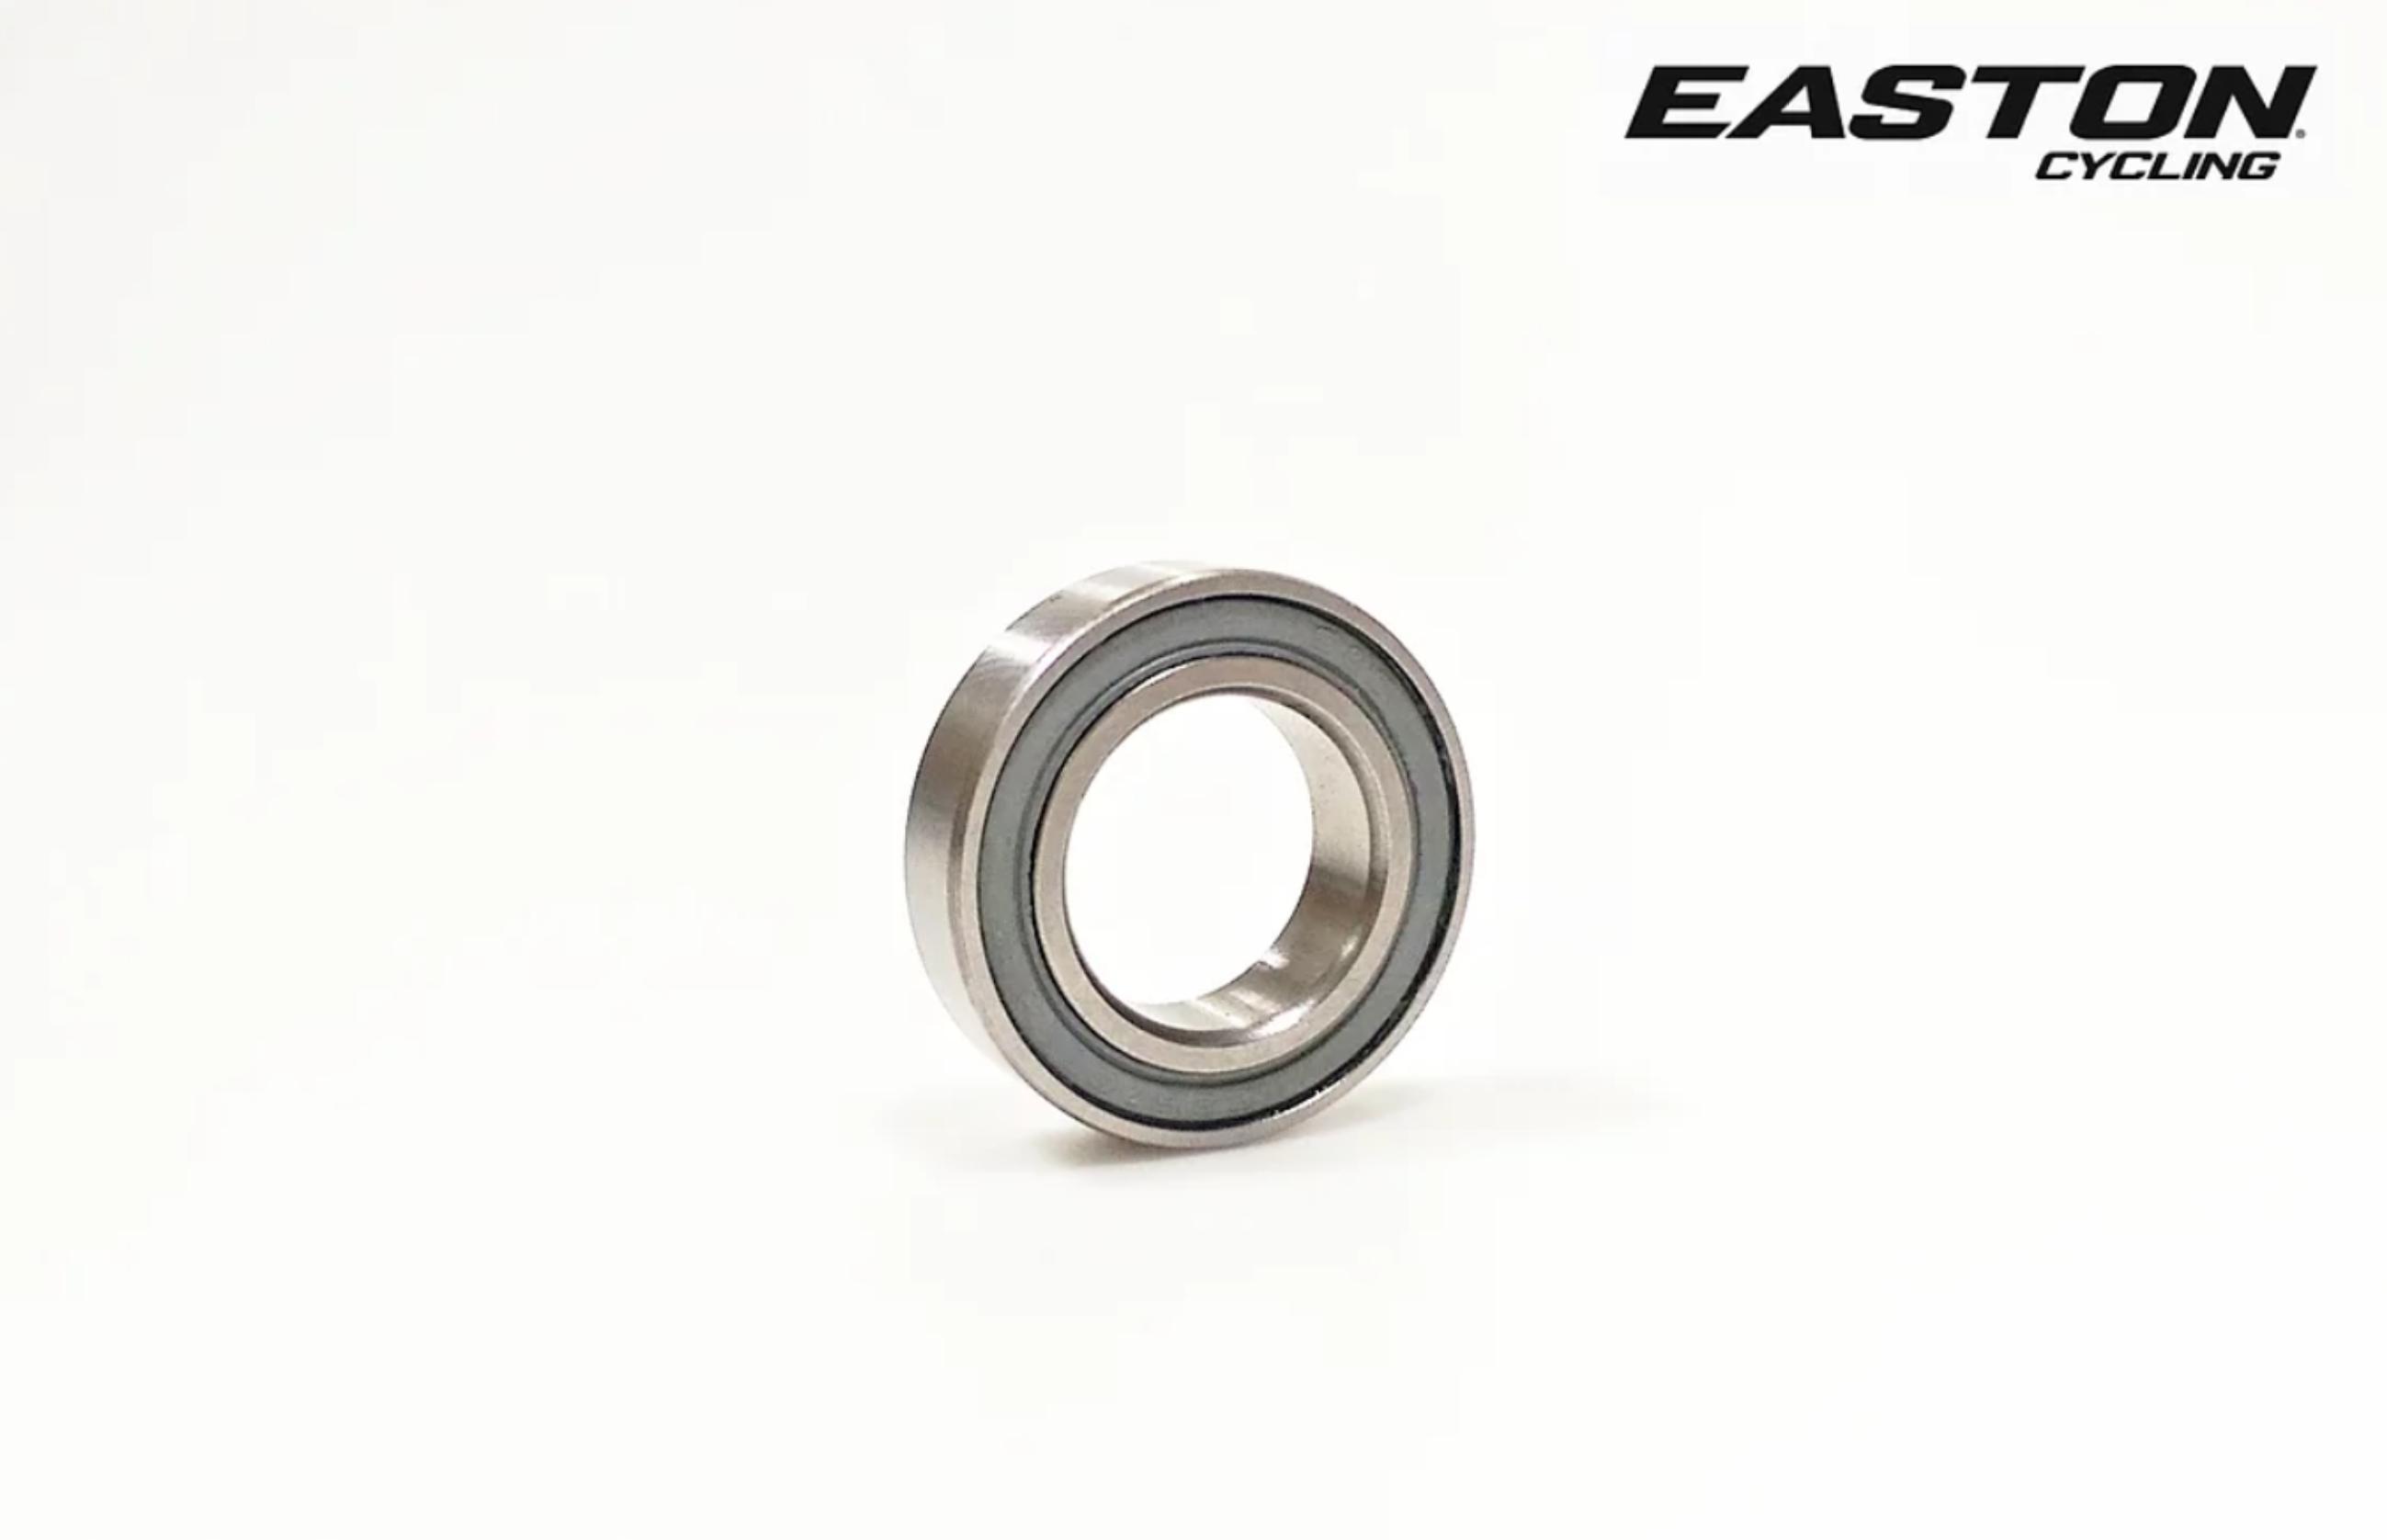 EASTON bearing 1526 Ceramic